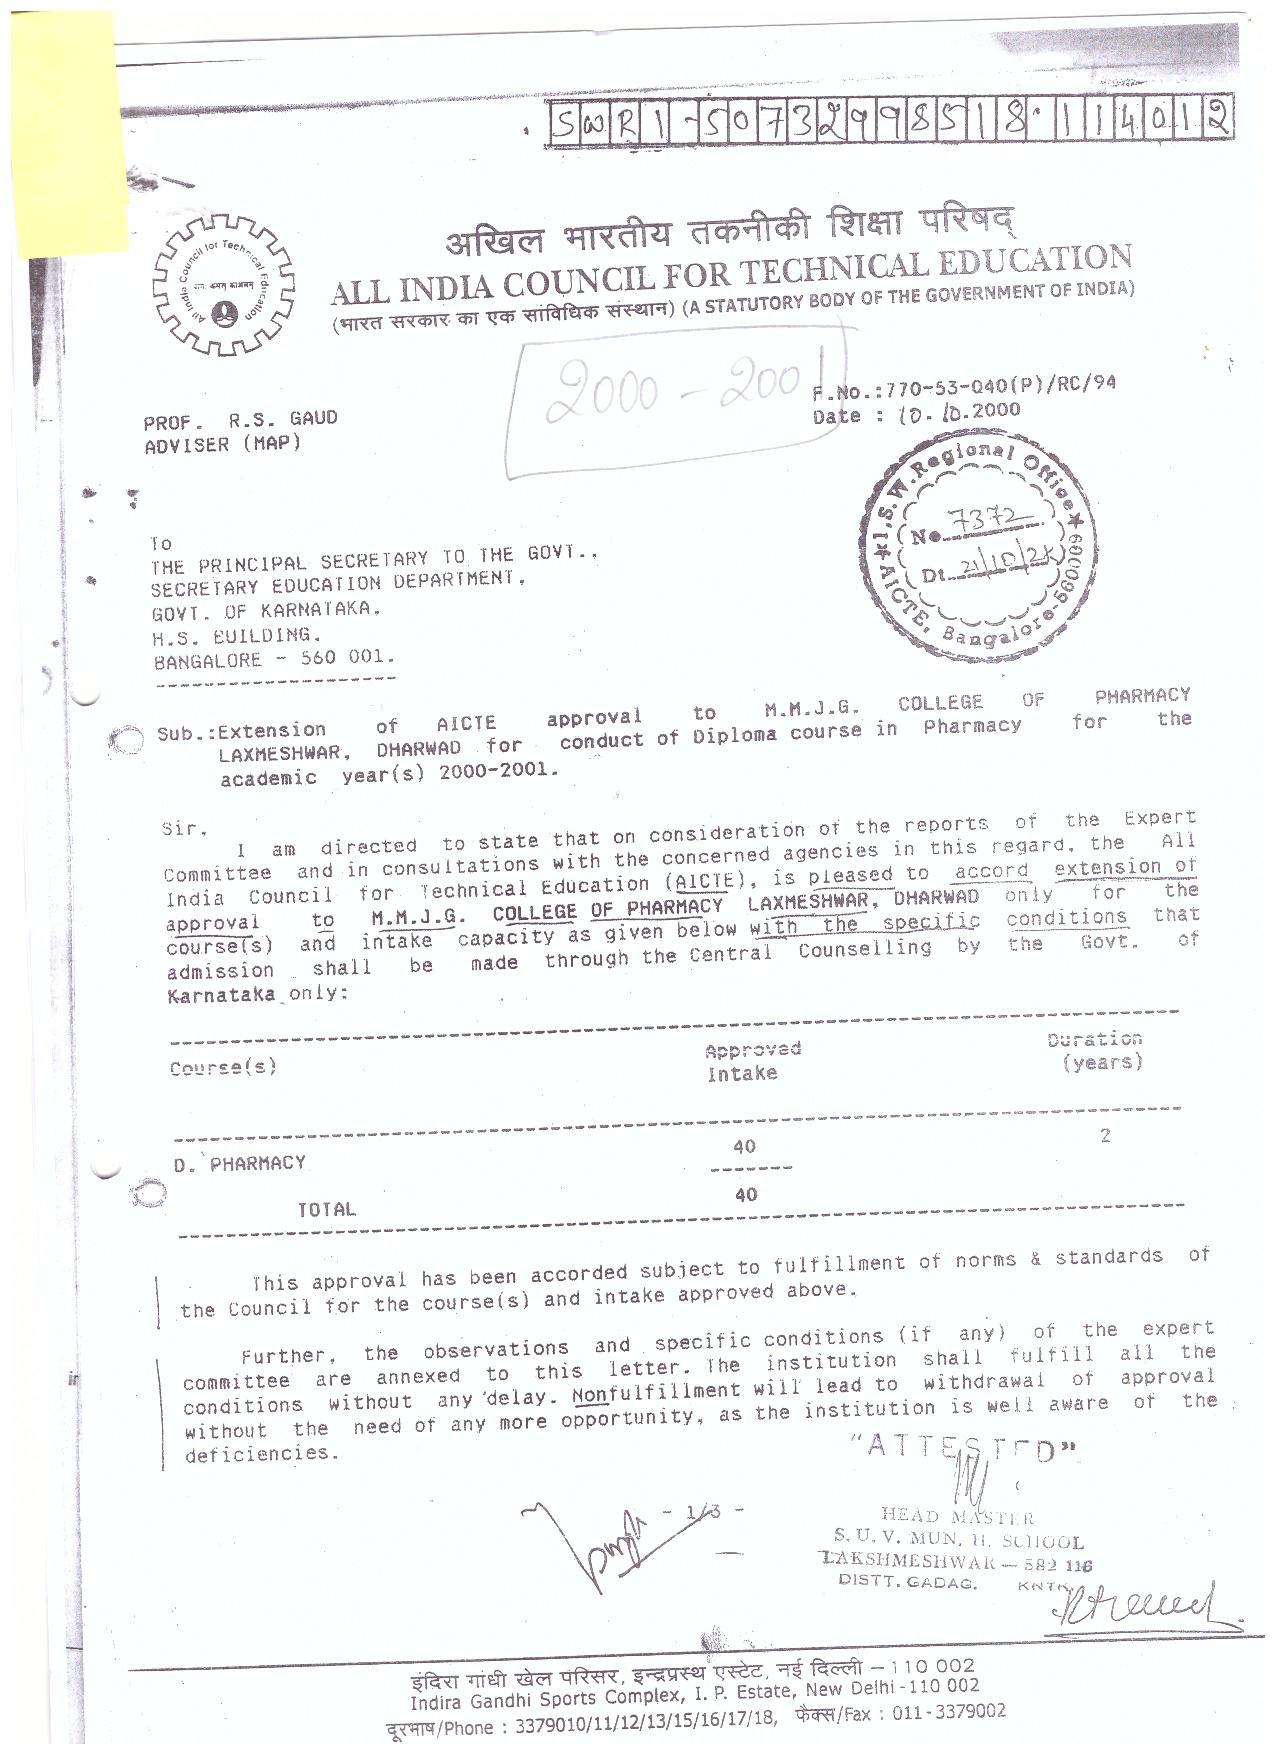 AICTE Approval Copy 2000-2001 (1)